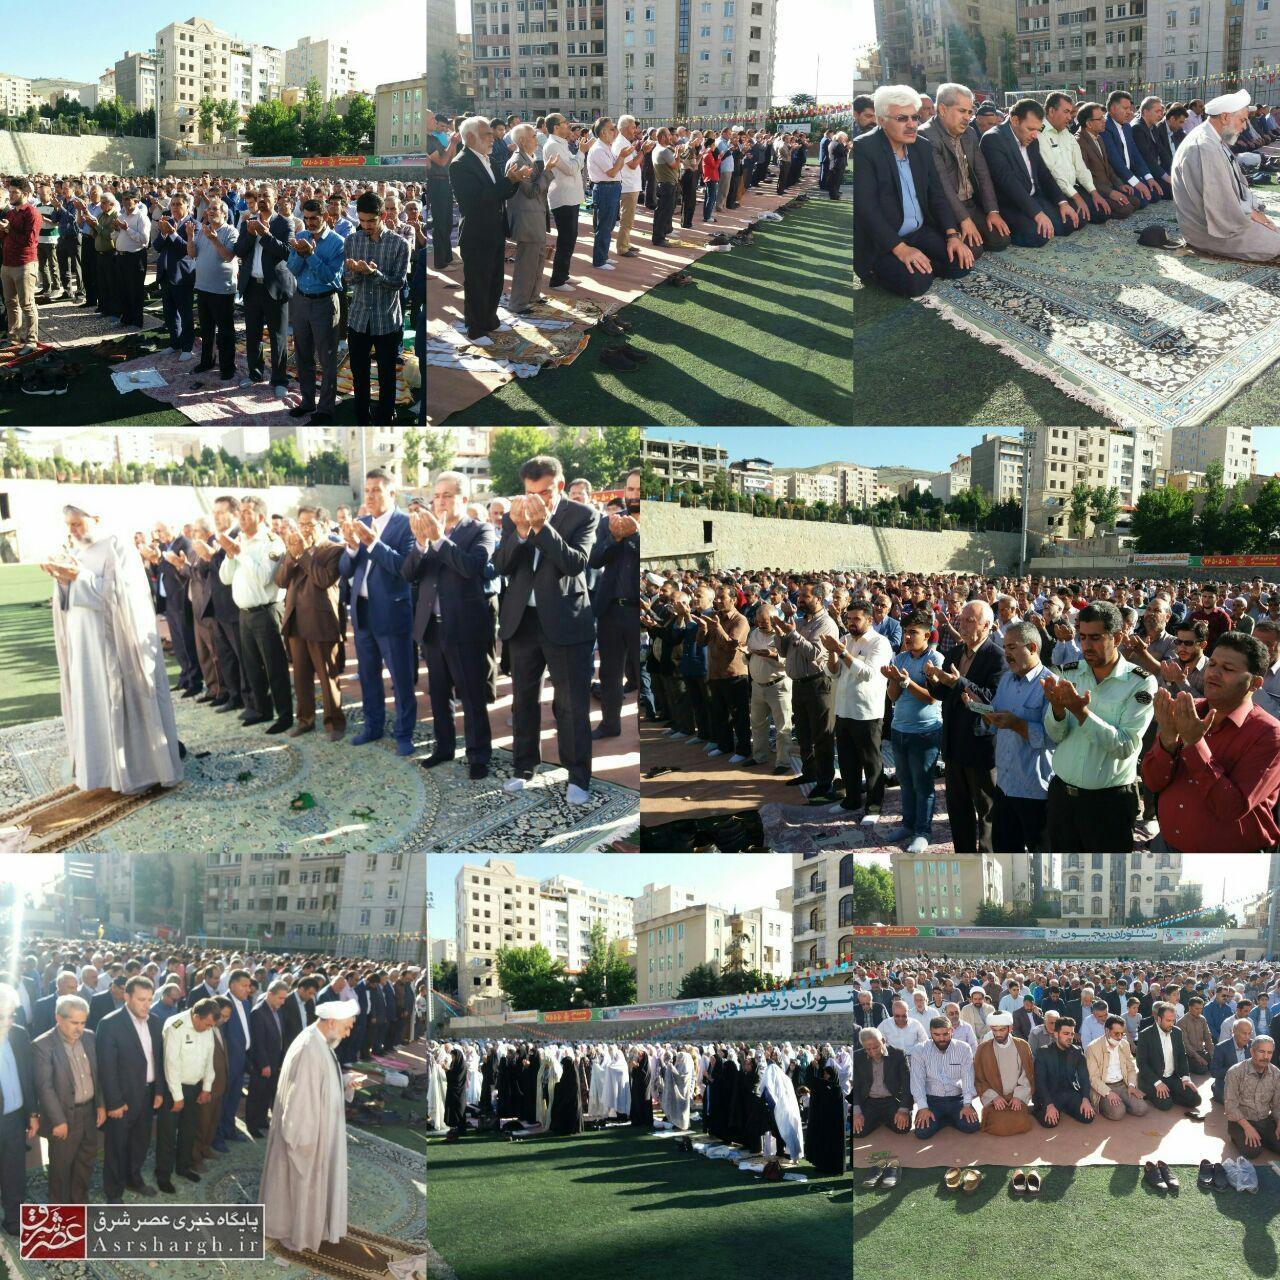 نماز باشکوه عید سعید فطر به امامت حجت الاسلام مدیح در زمین چمن شهدای رودهن